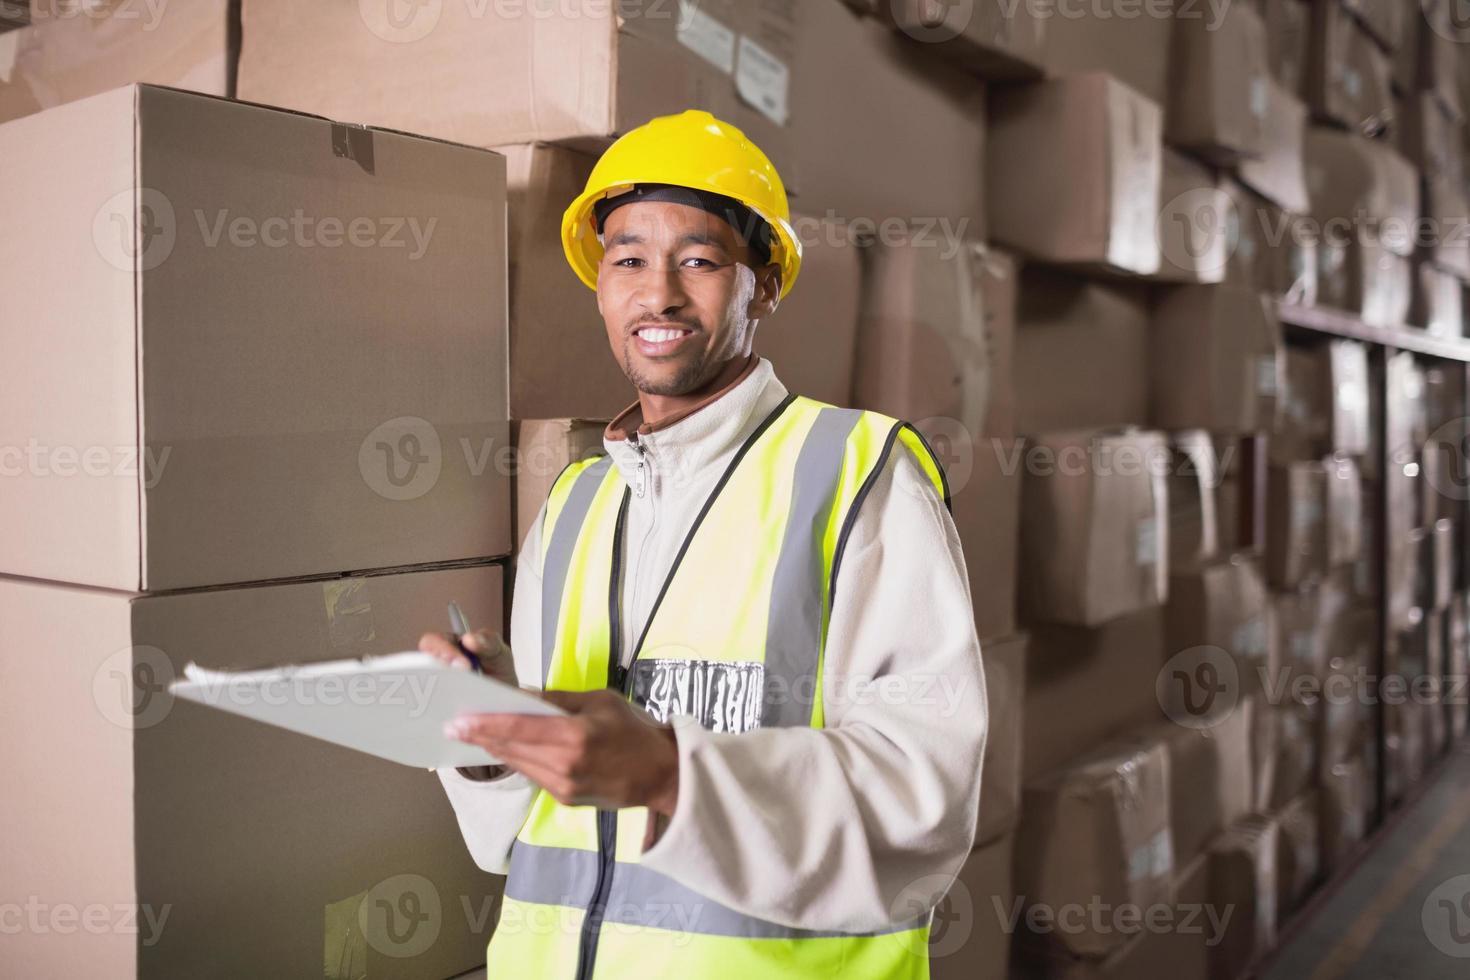 trabalhador de armazém com prancheta foto